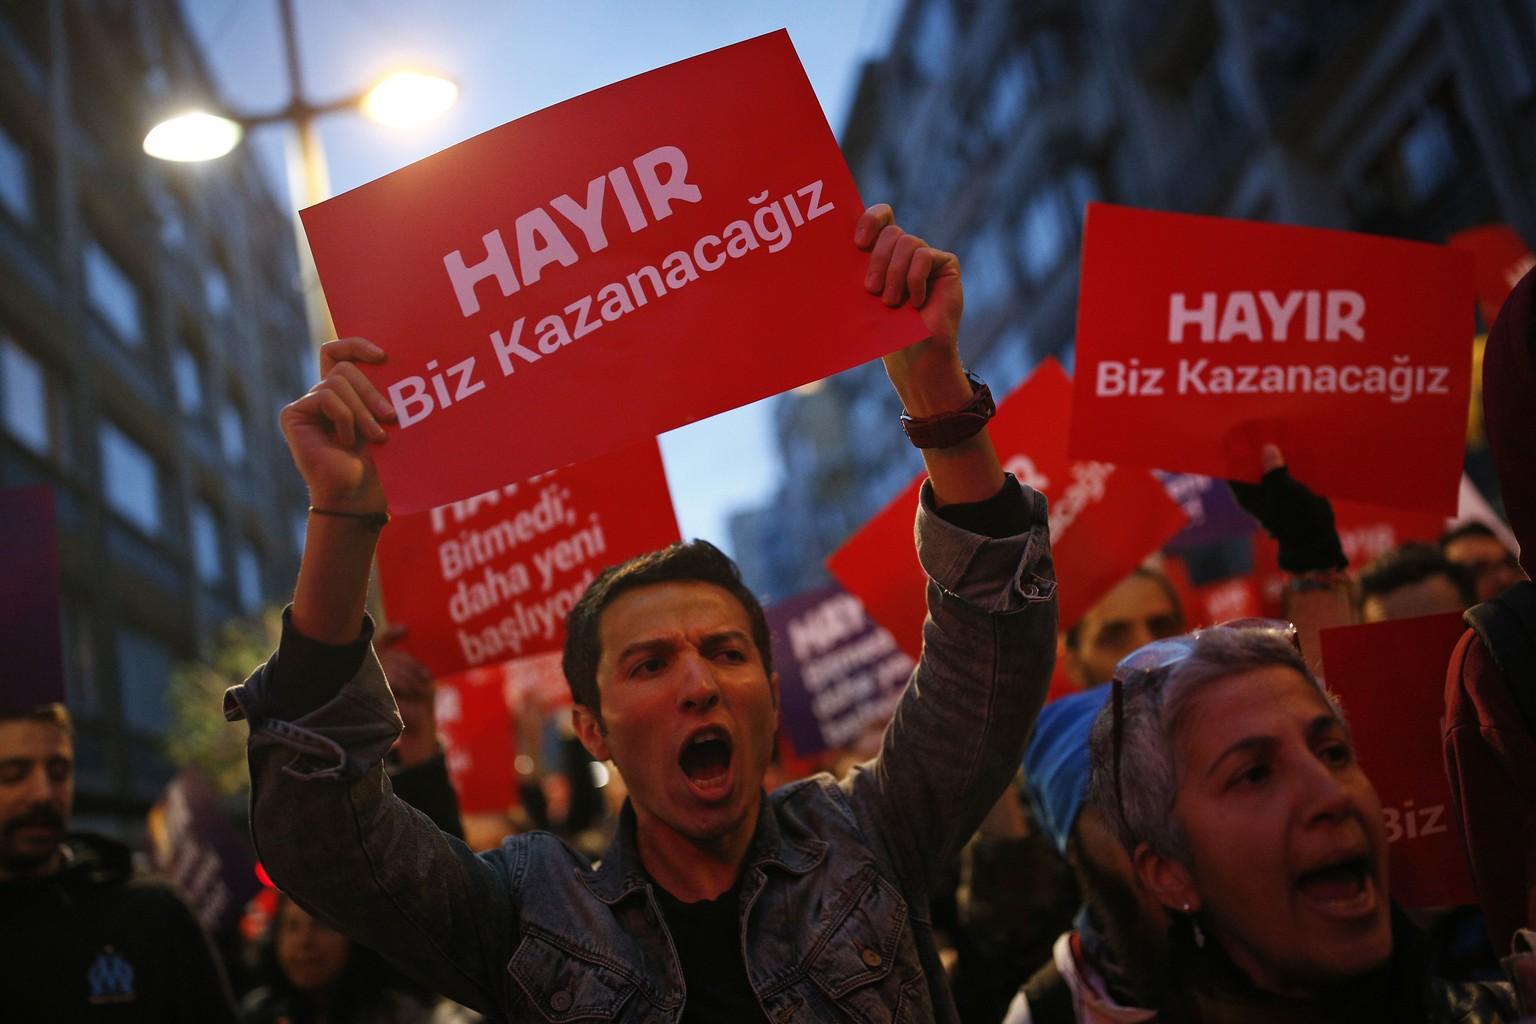 Istanbul Proteste gegen Ergebnis des türkischen Referendums